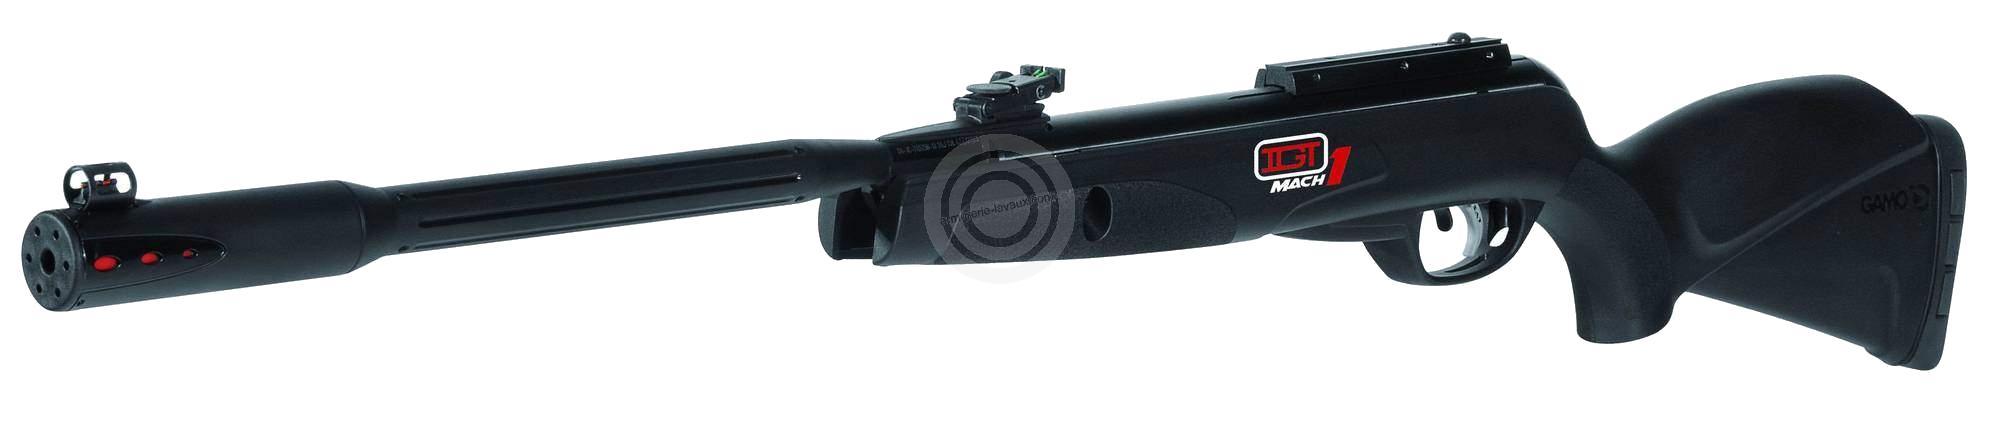 Carabine GAMO Black Fusion IGT ''Mach 1''